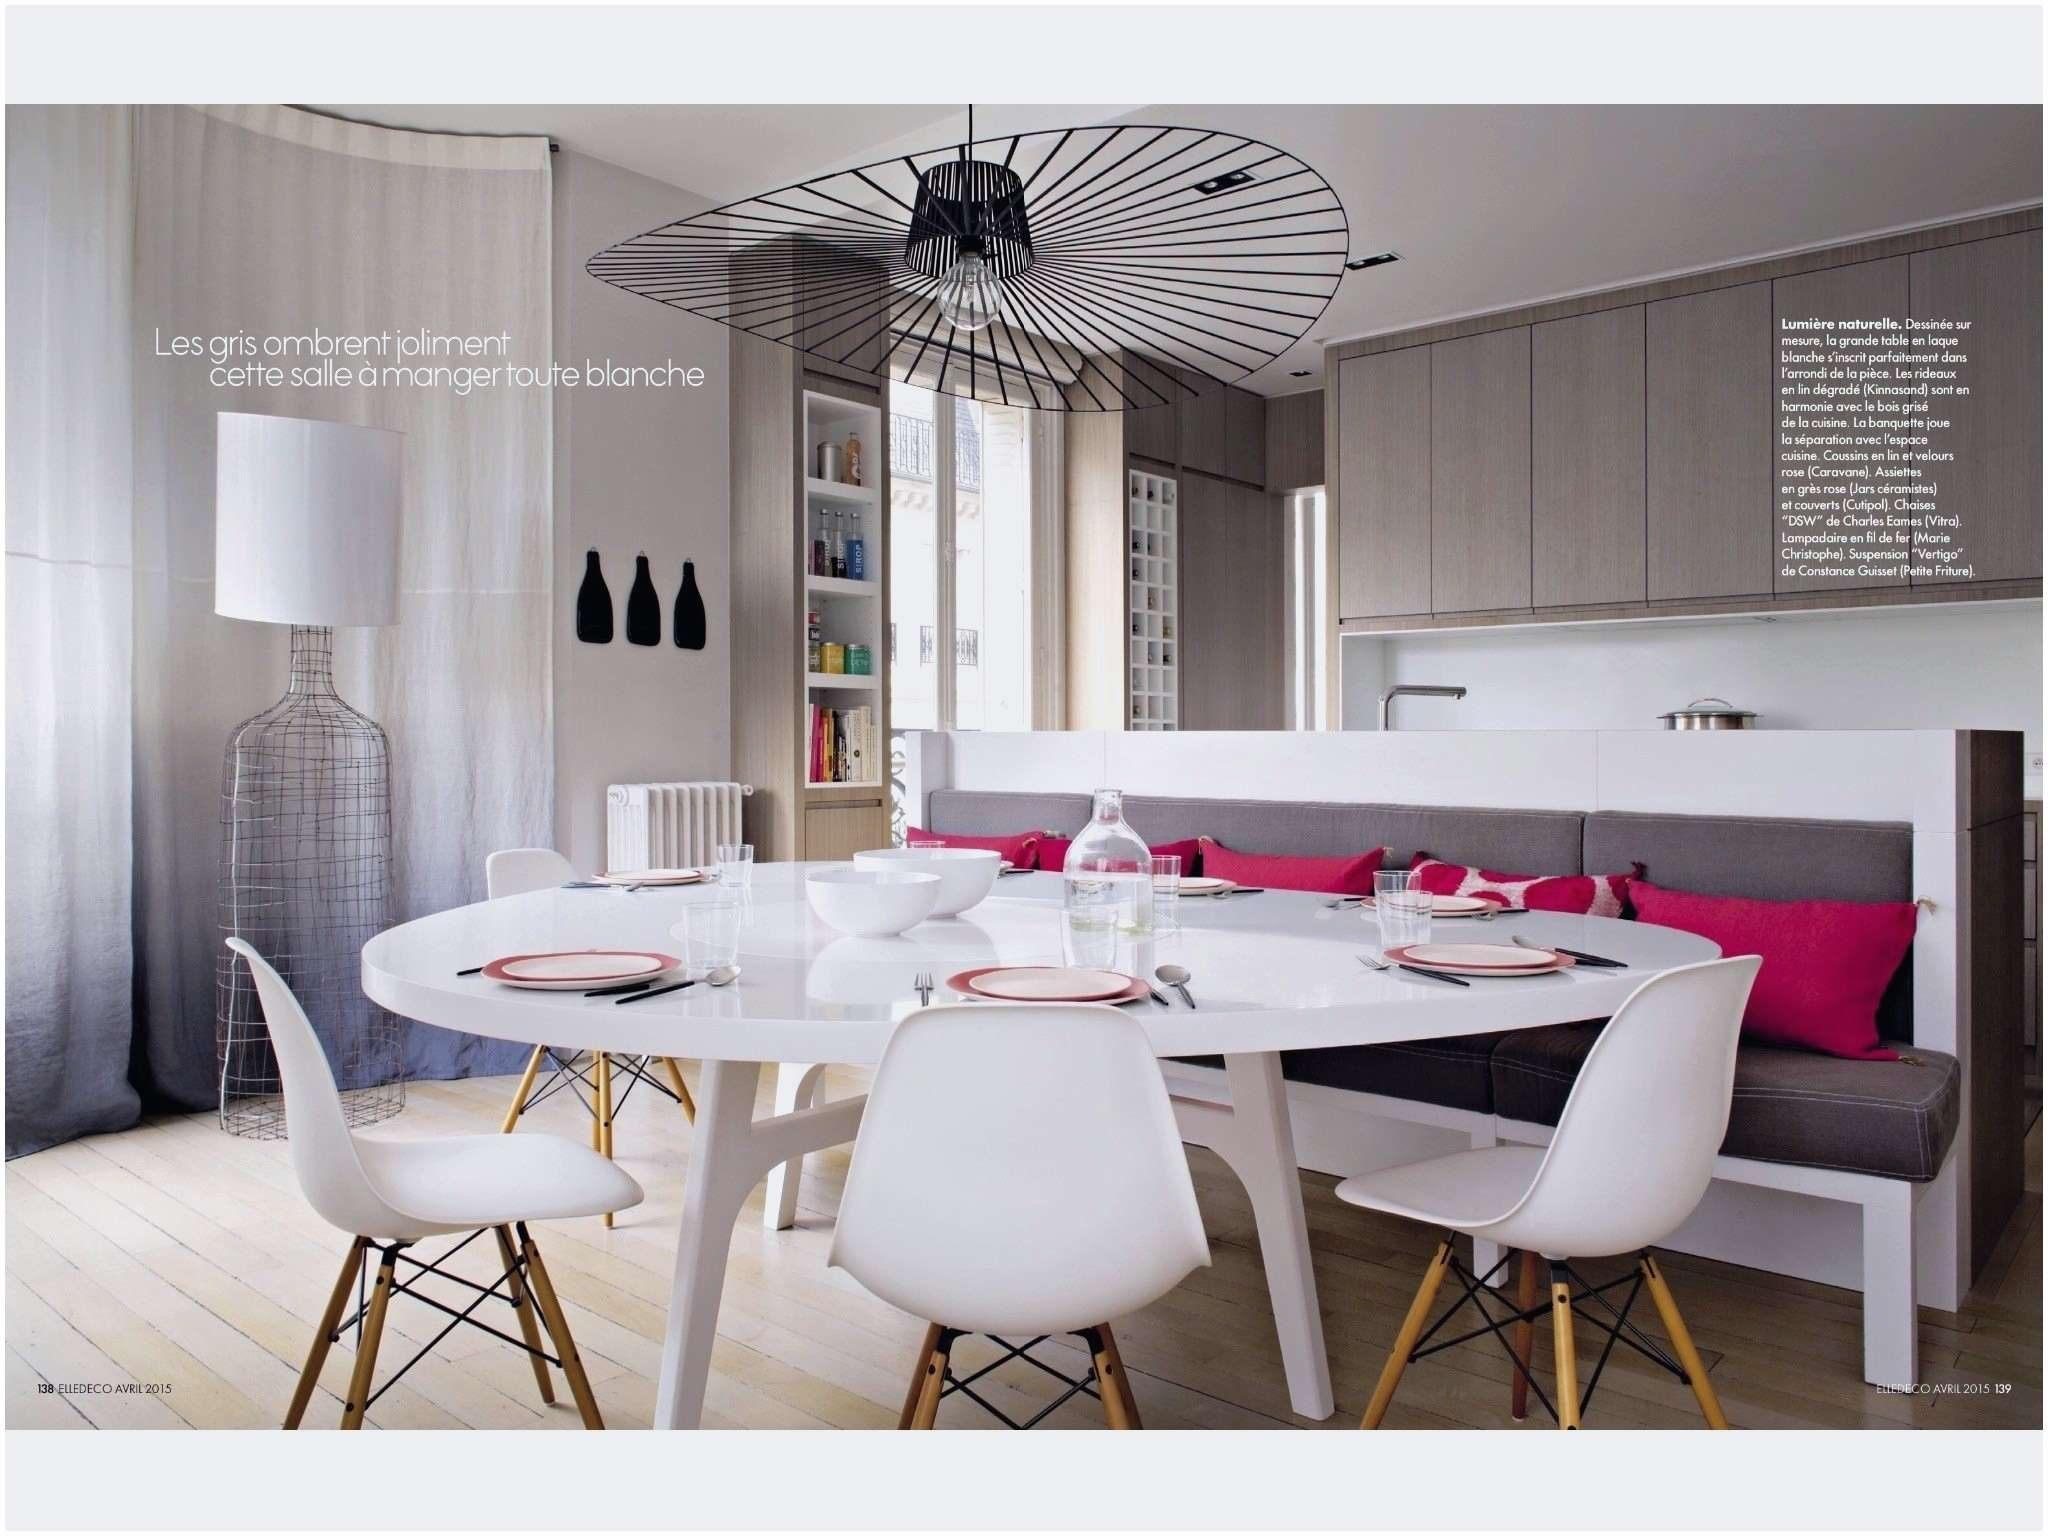 Tete De Lit Design Italien Charmant Frais Die Massiv Blox Holzbalken Schaffen Vielfältige Möglichkeiten